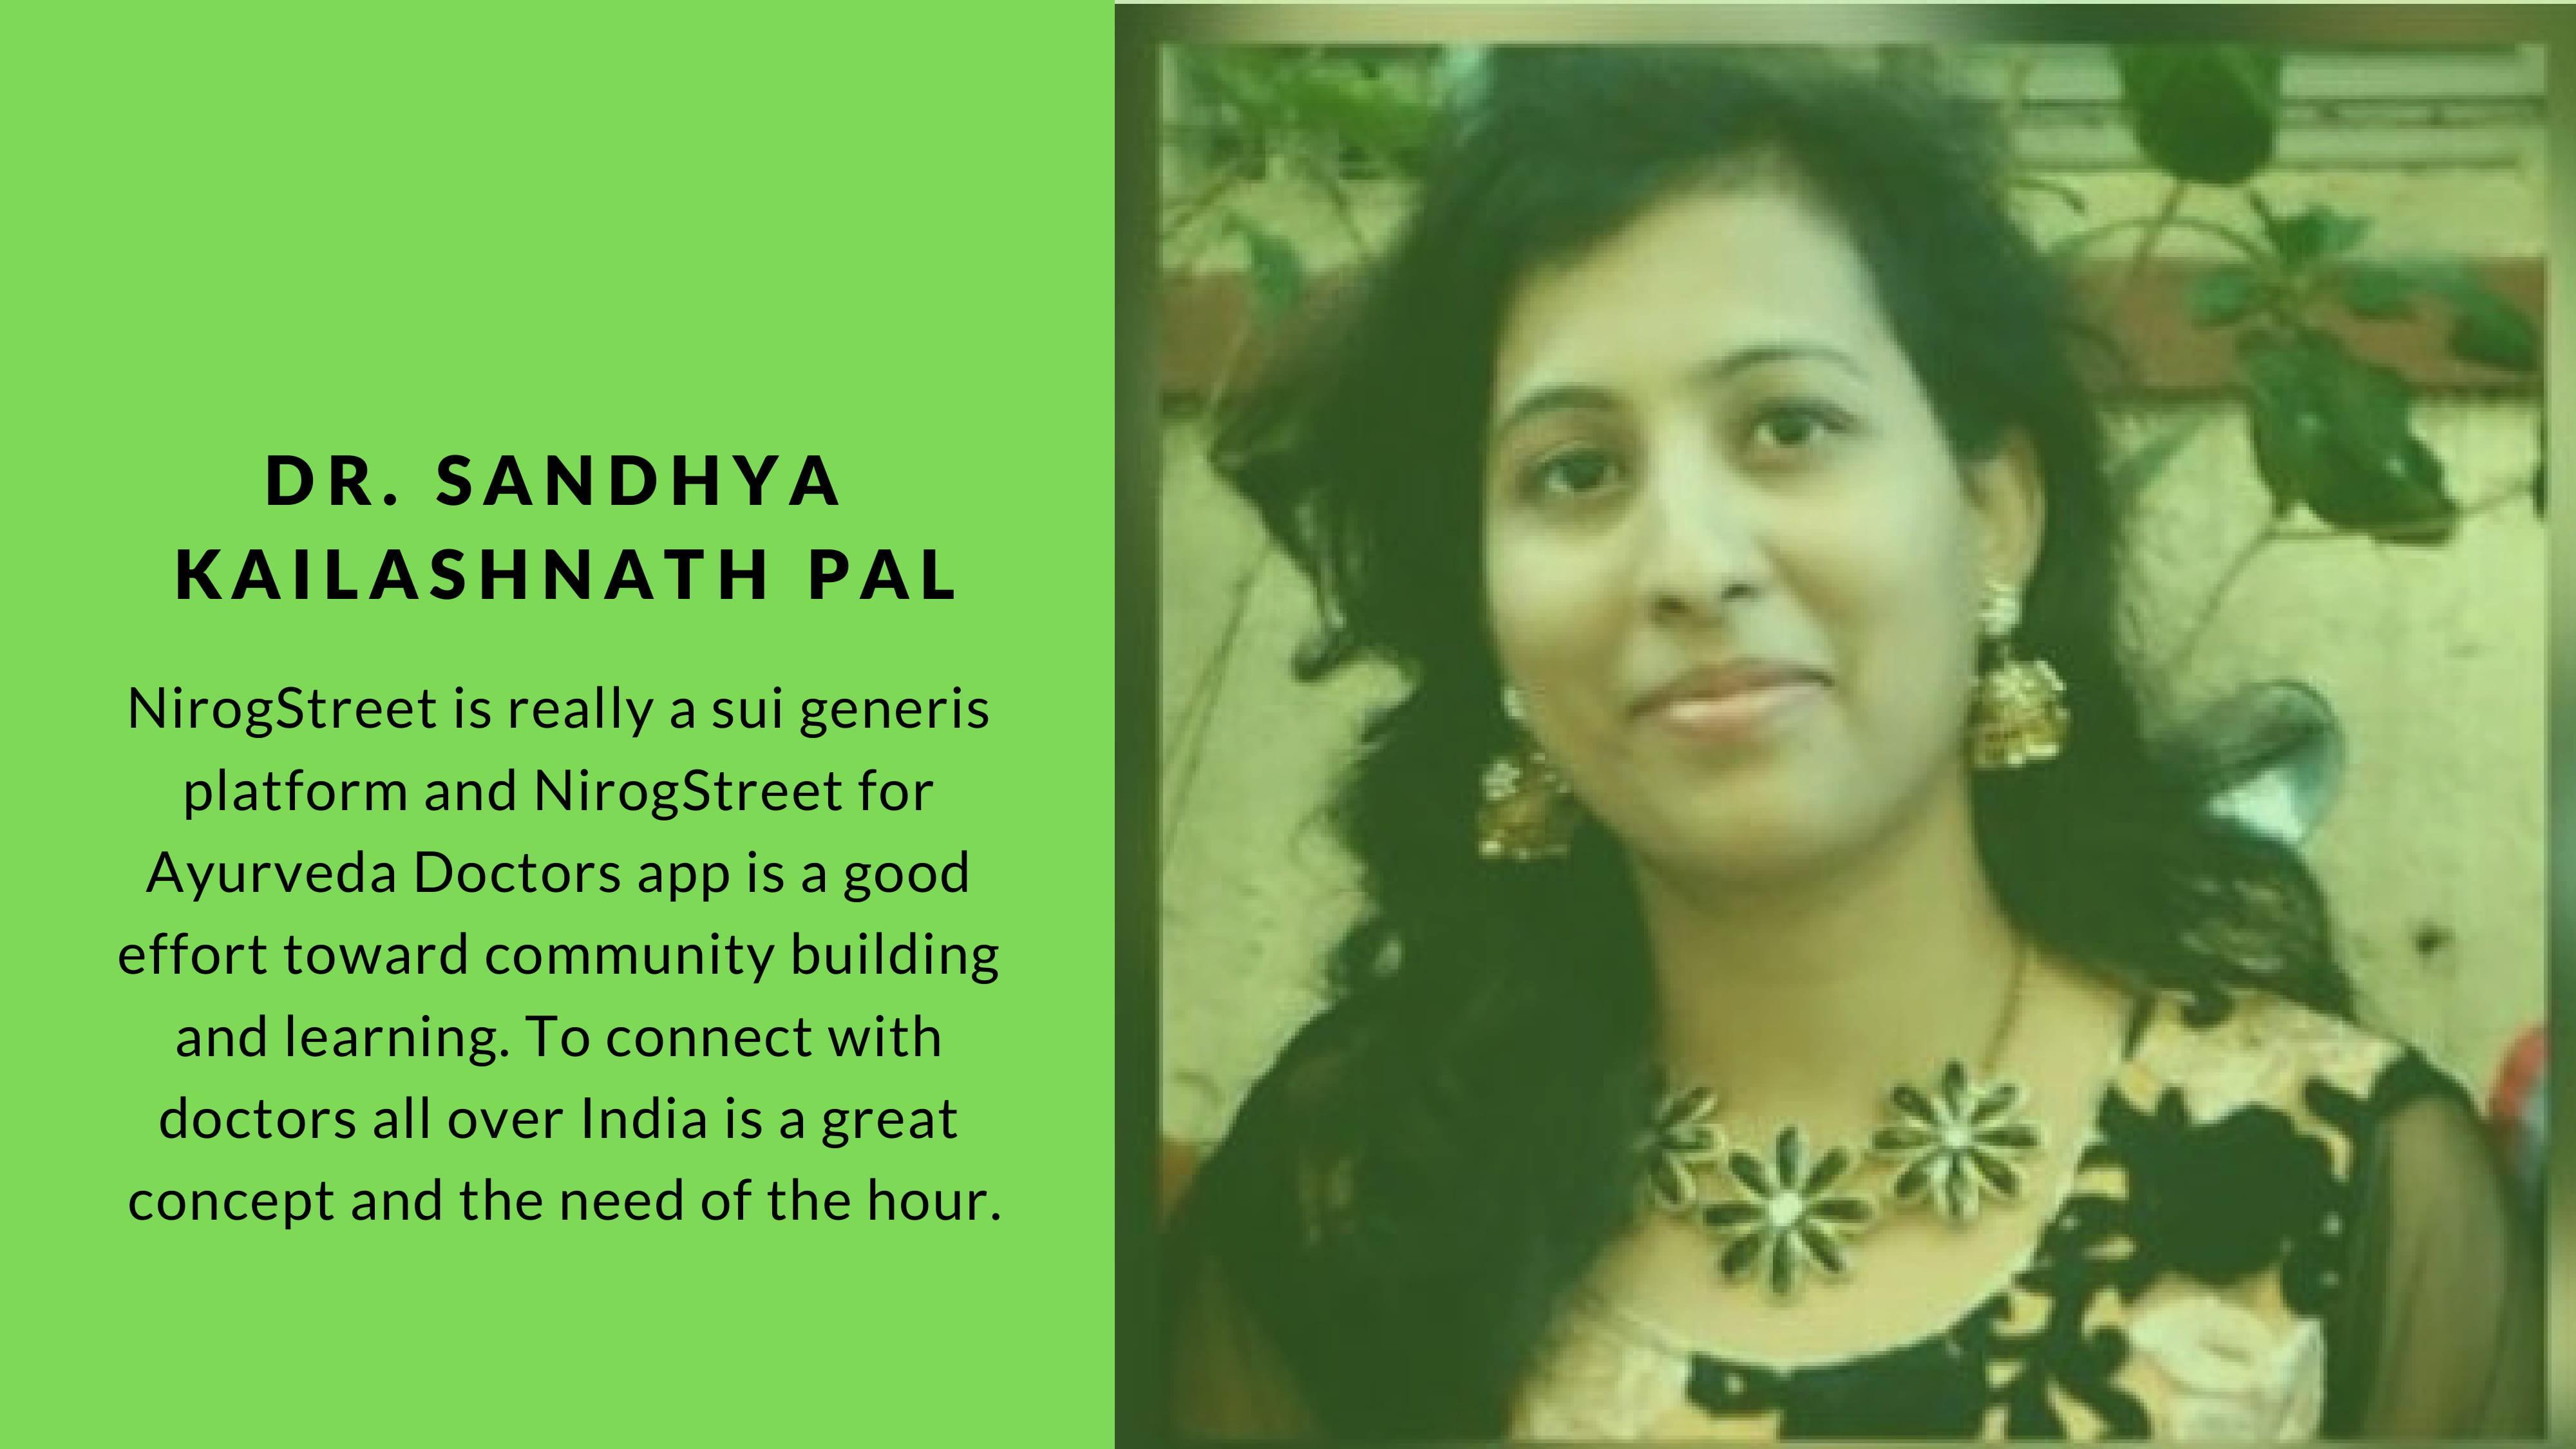 Dr. Sandhya Kailashnath Pal